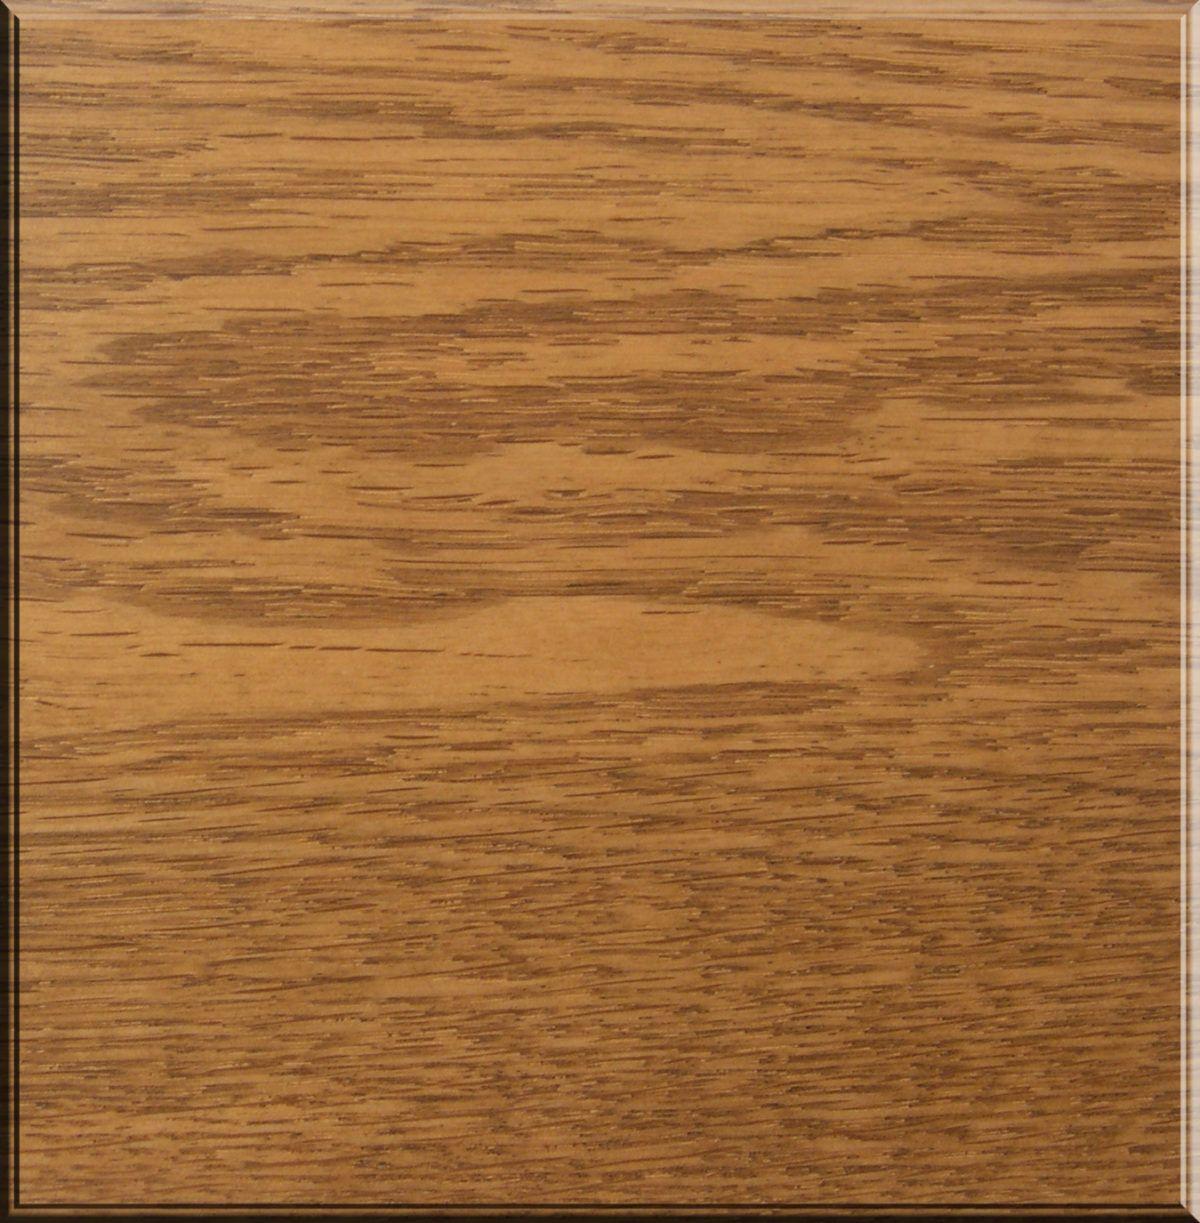 205 Medium Oak Wood Sample